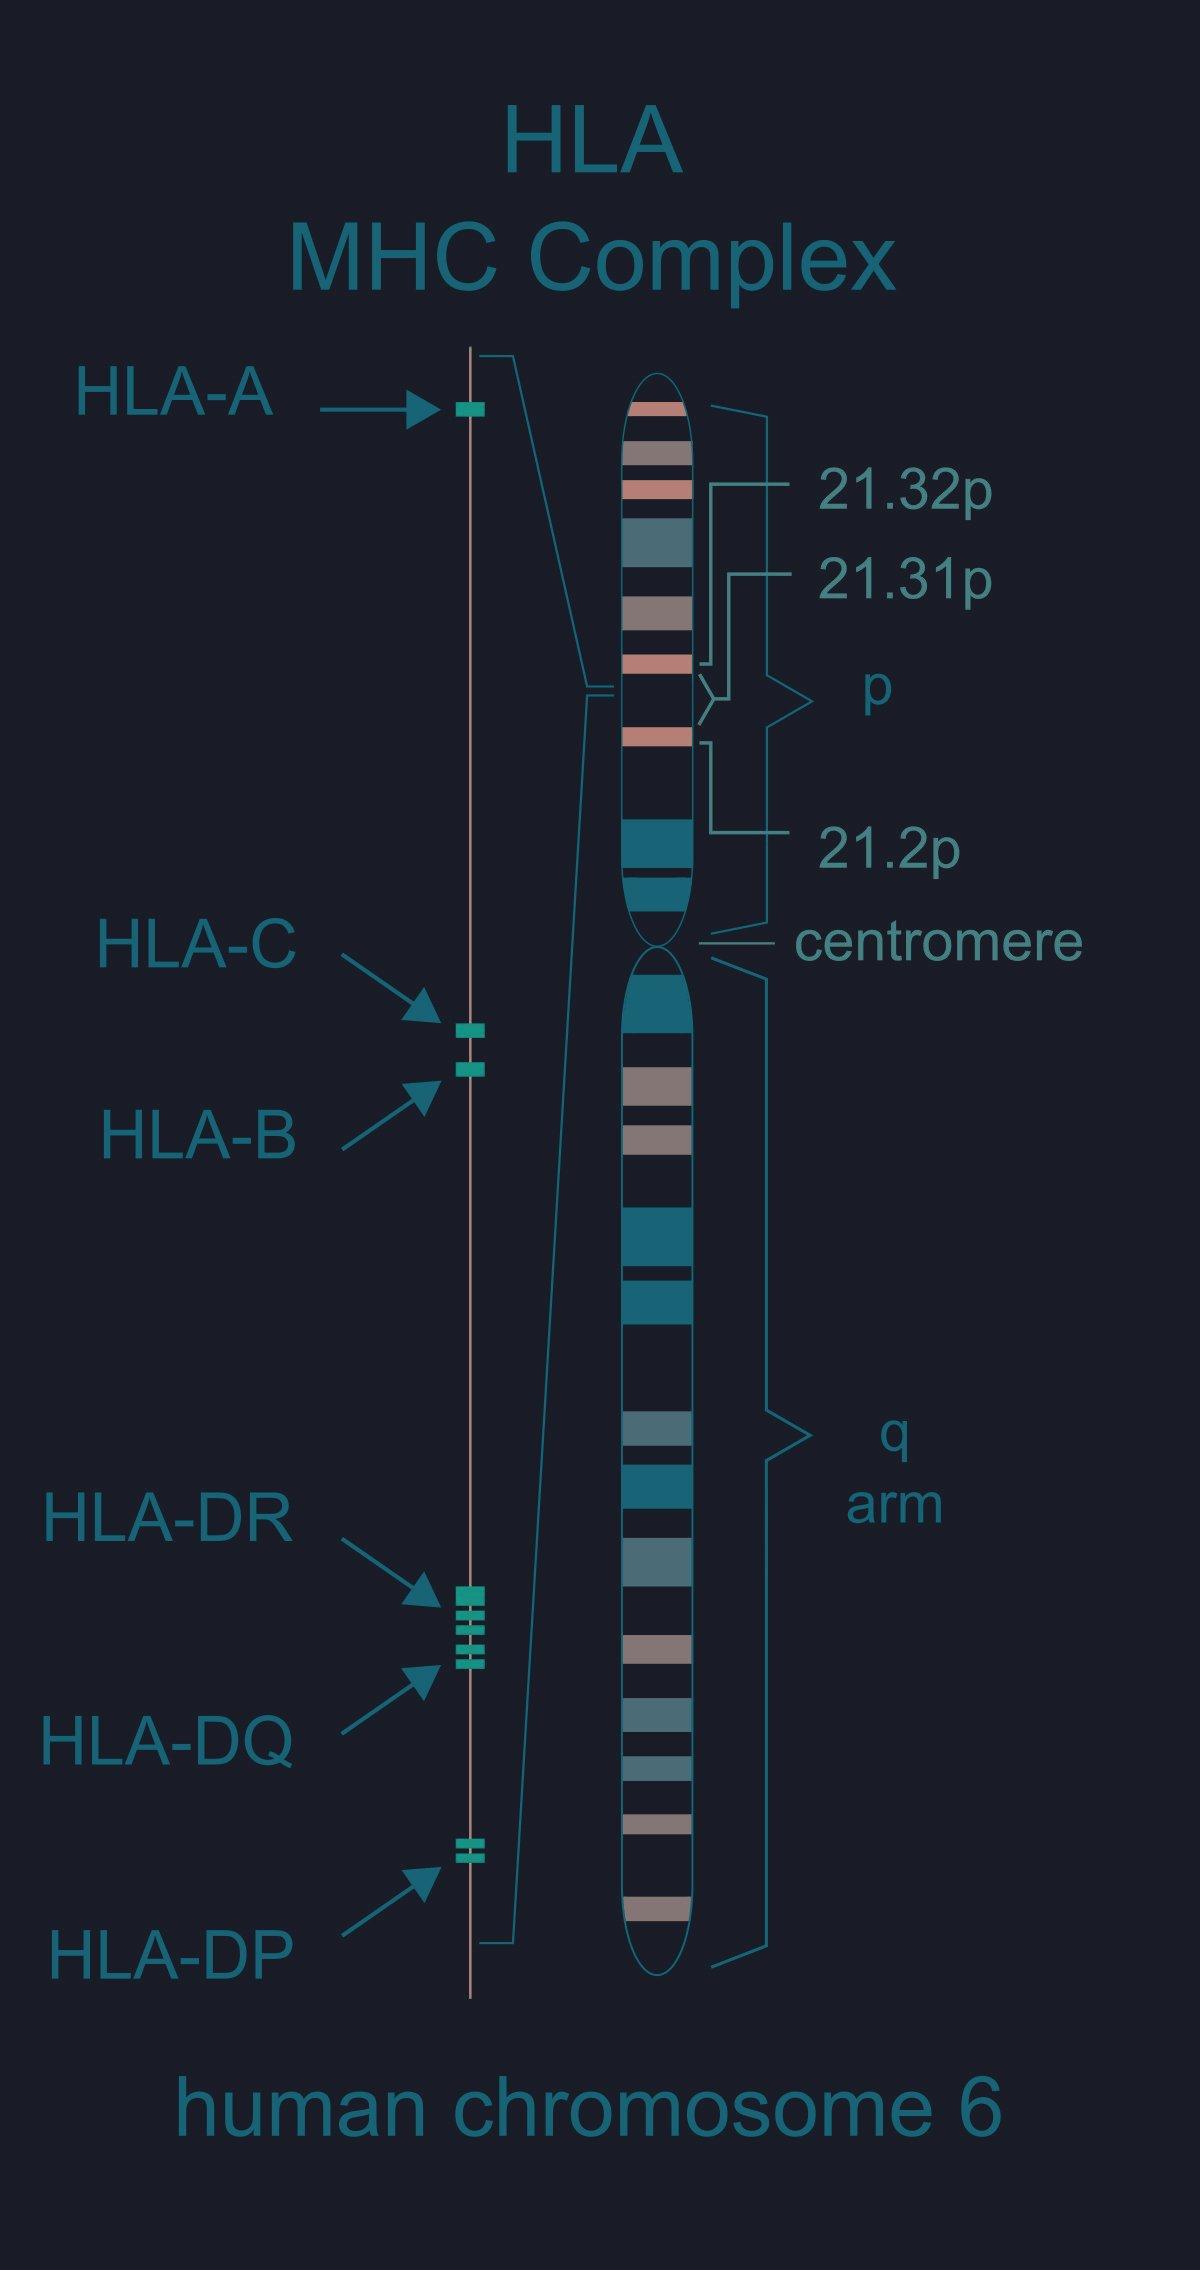 Human Leukocyte Antigen